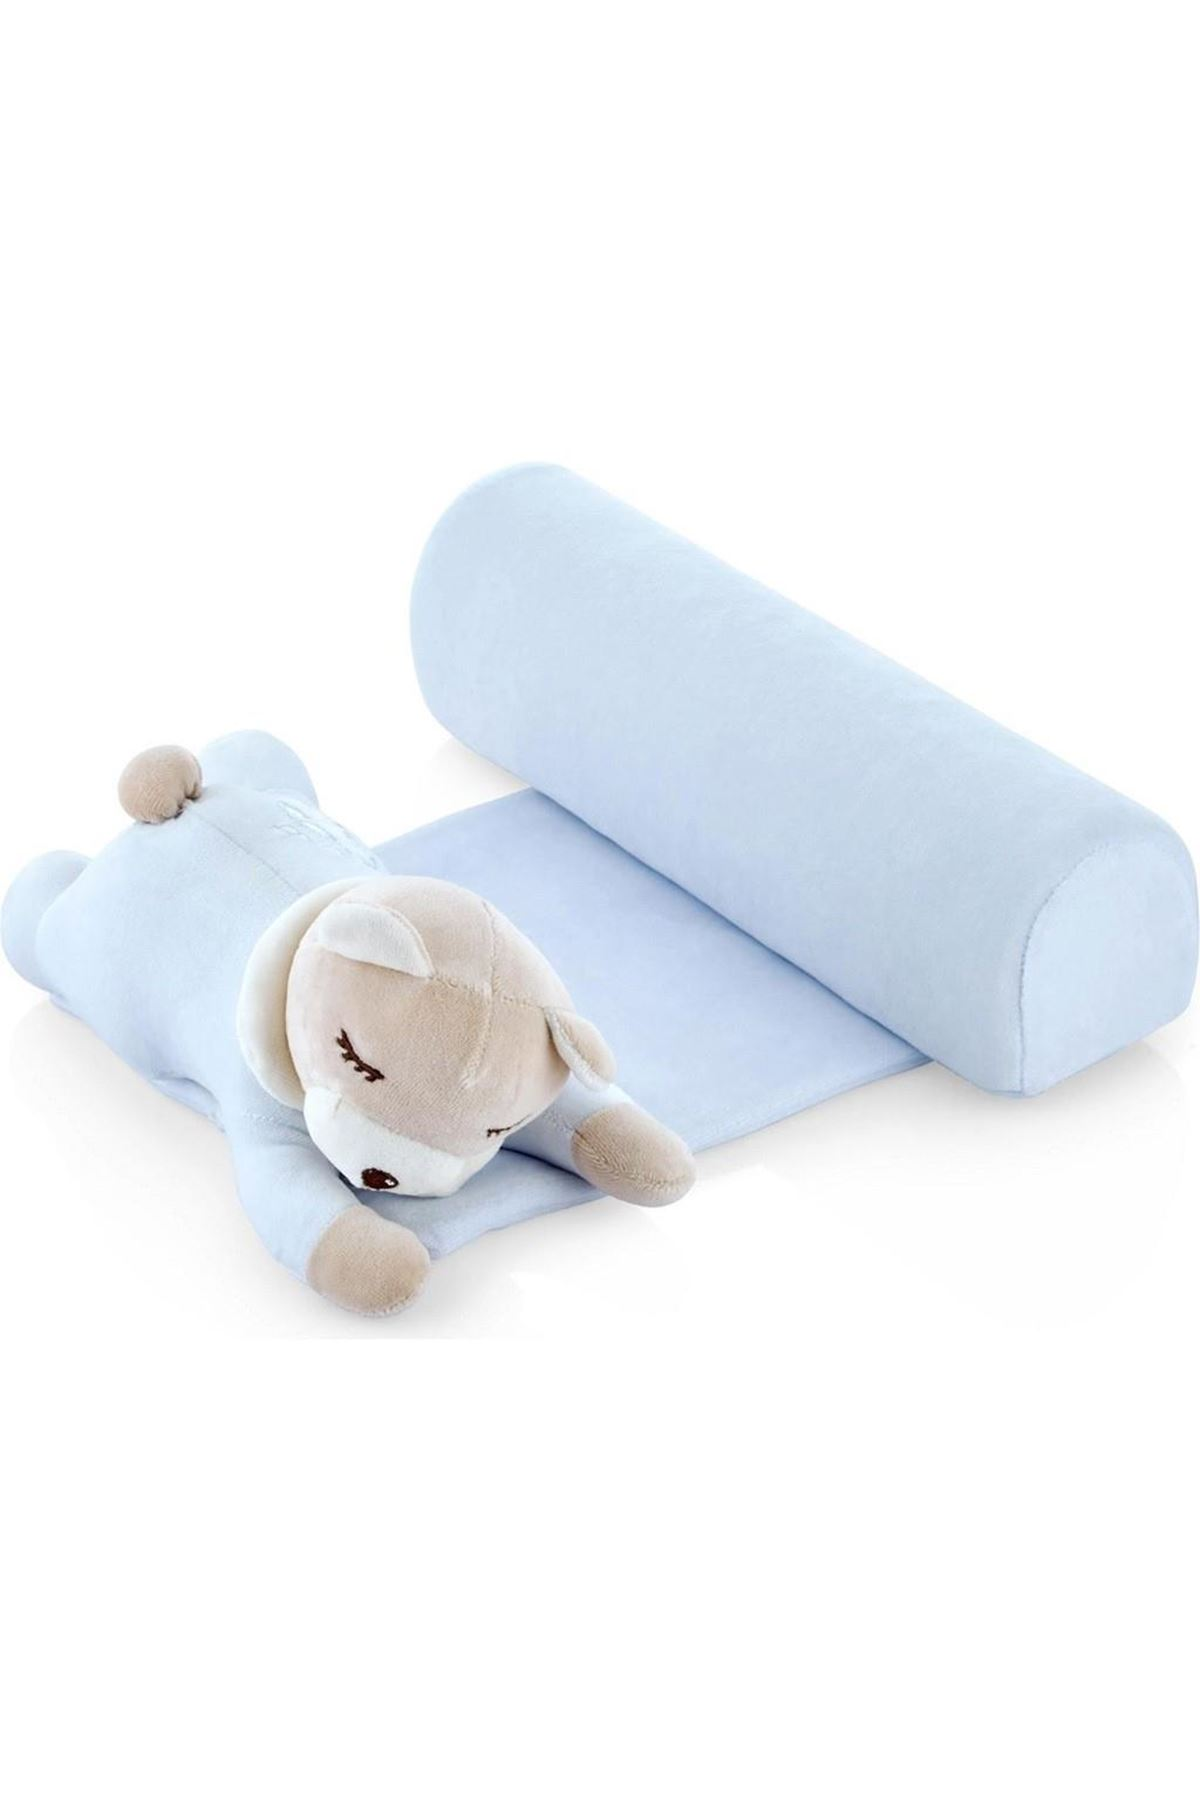 BabyJem Güvenli Uyku Yastığı 674 Mavi Ayıcık